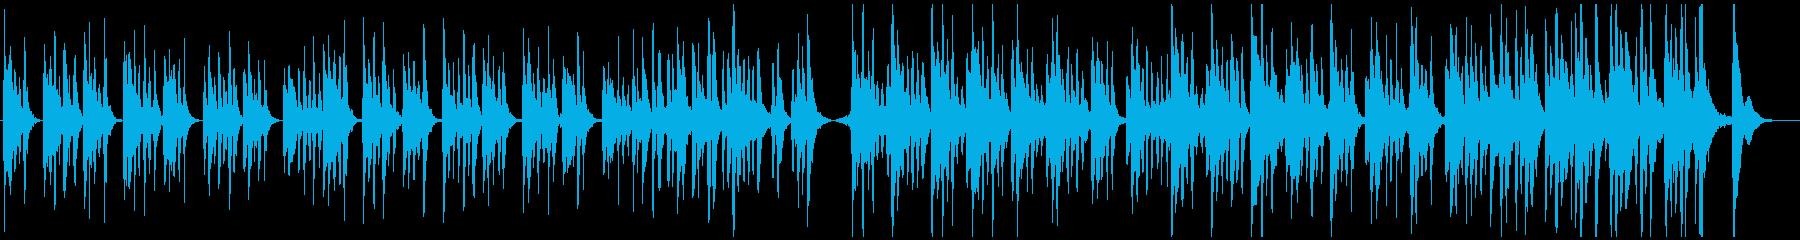 Short ver.奇妙で怪しげなコメの再生済みの波形